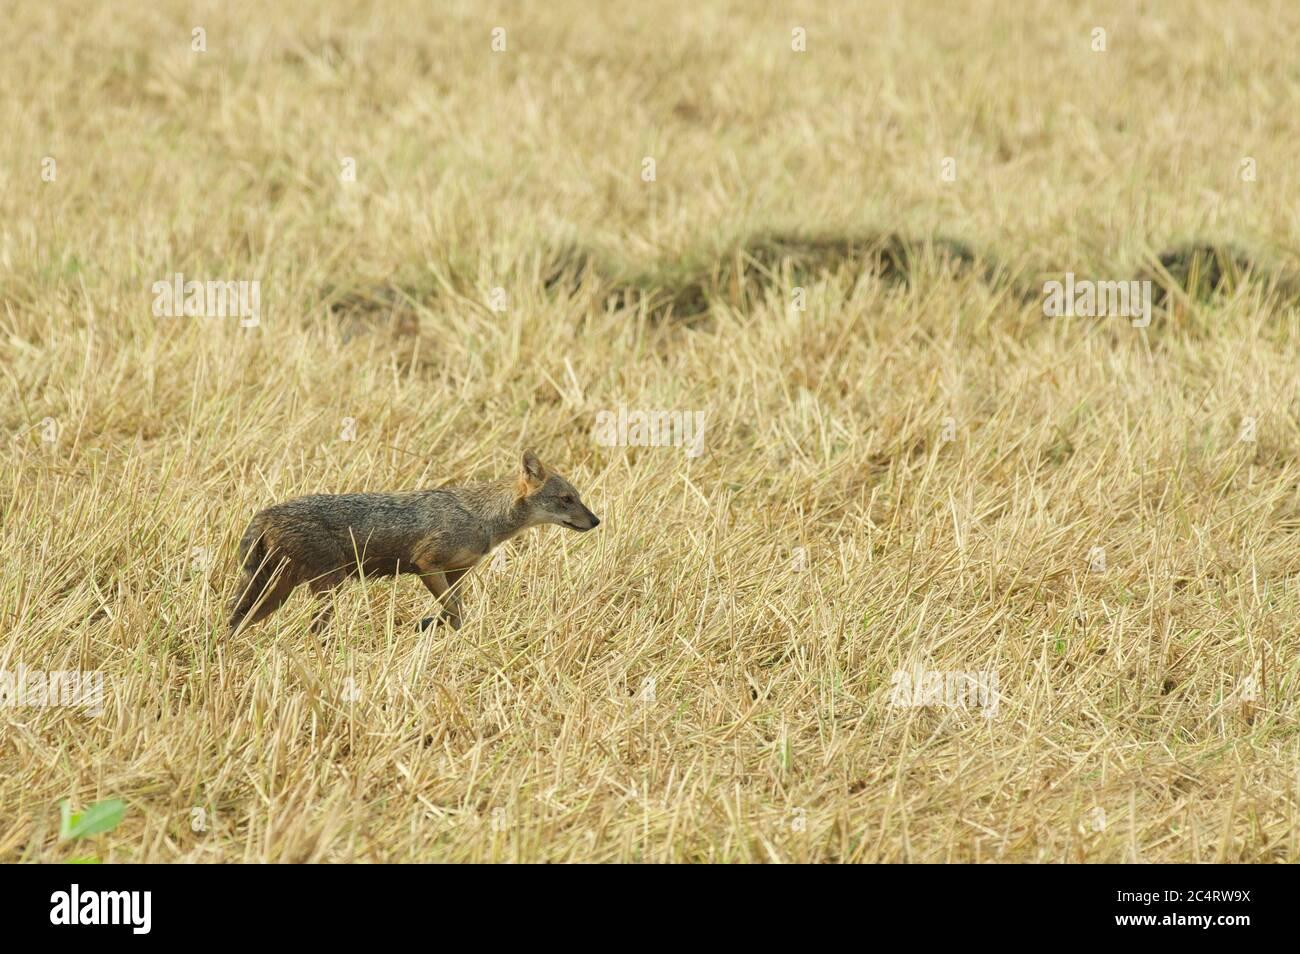 Un sri lankais Jackal (Canis aureus naria) chasse dans un champ d'herbe sèche près du parc national de Yala, Sri Lanka Banque D'Images